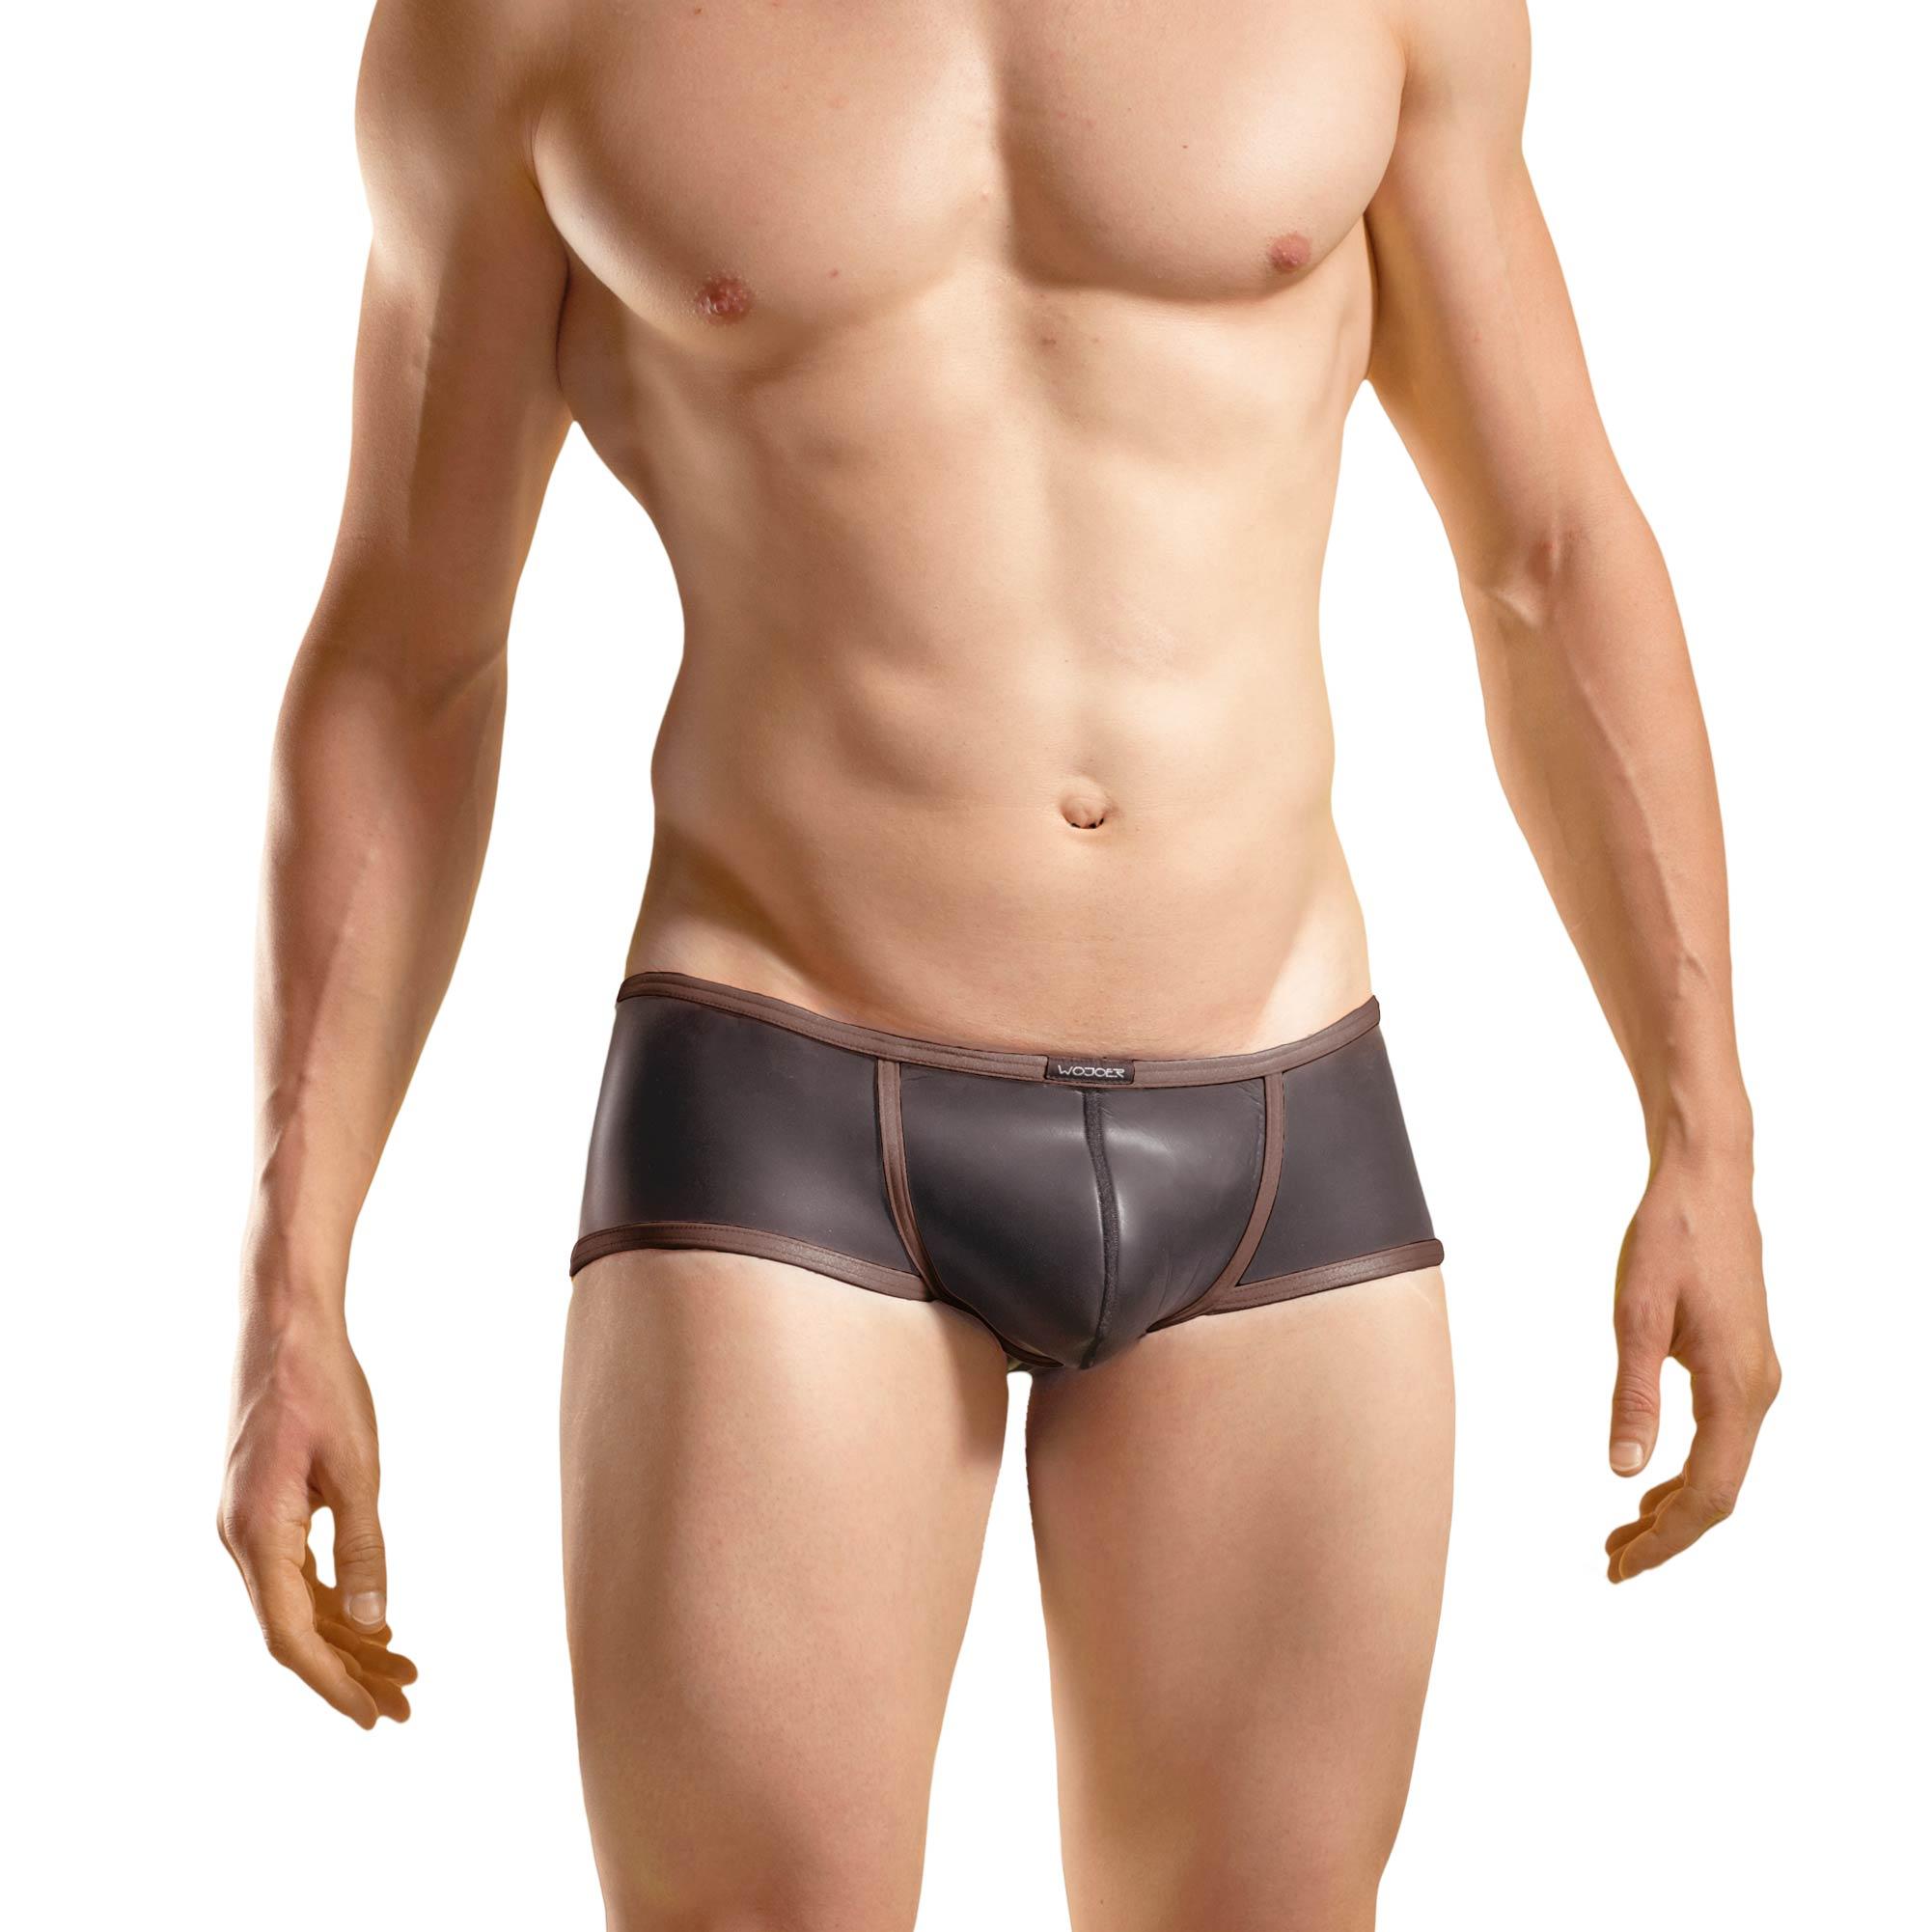 Bade Hipster, Neopren Pant, Glatthautneopren, erotische Badehose, Männer Pants, braun